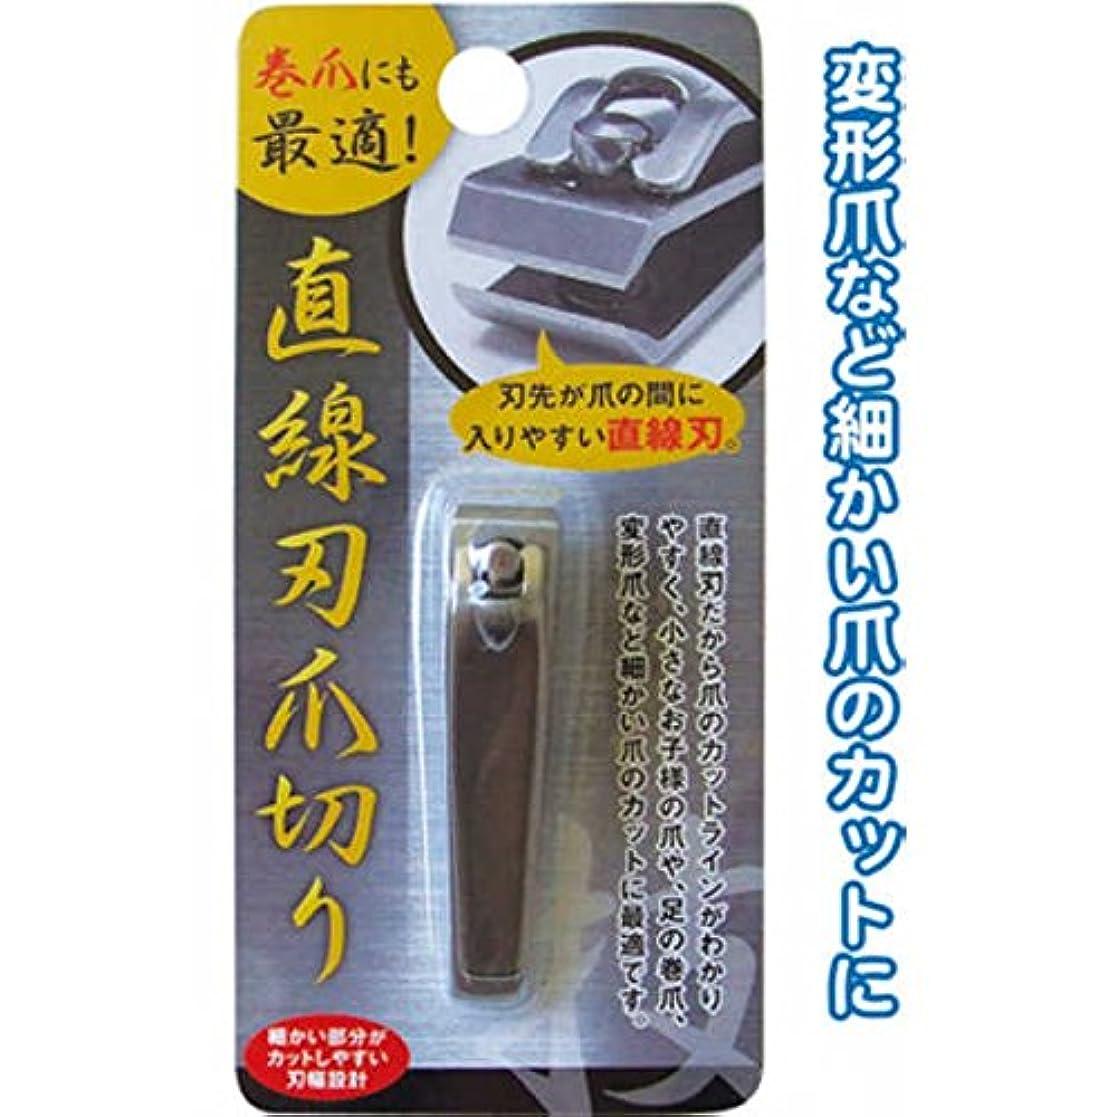 支払う作成者根拠巻爪にも最適!直線刃ステンレス爪切り 【まとめ買い12個セット】 18-601